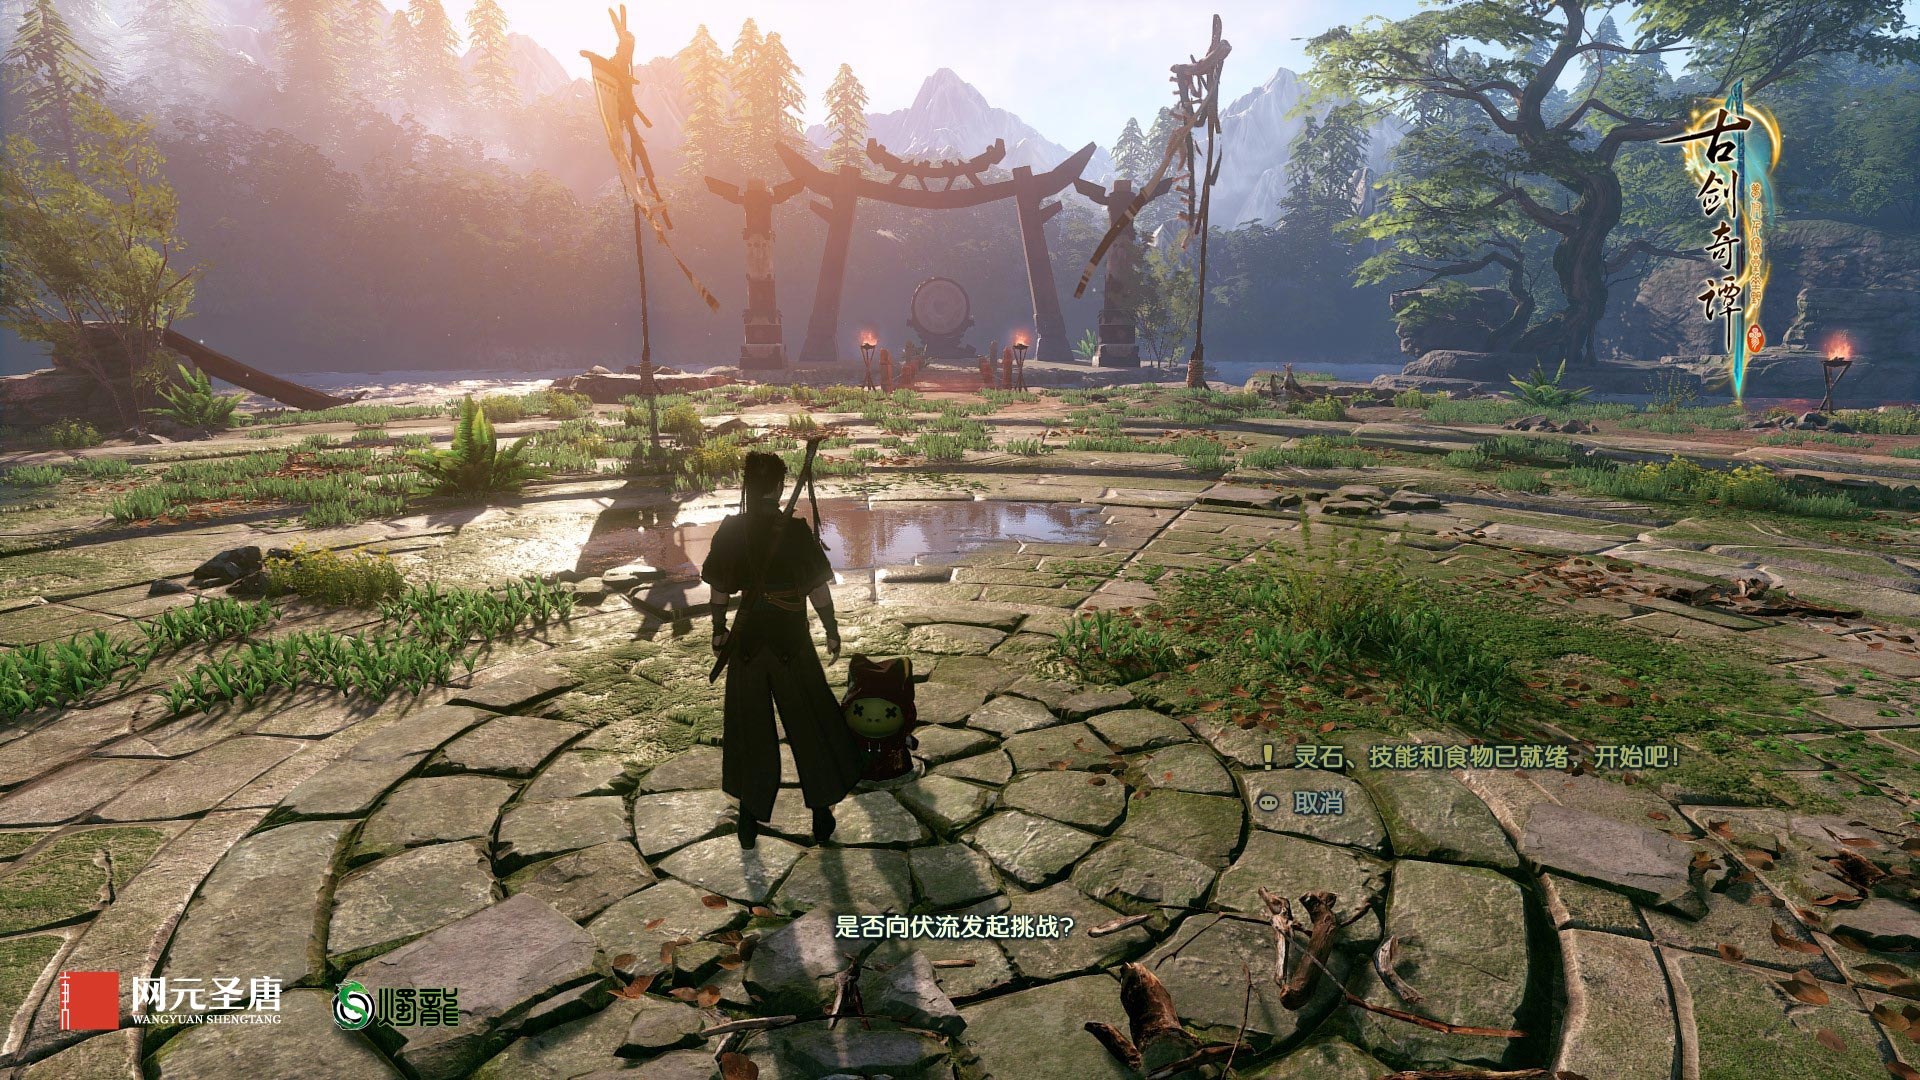 《古剑奇谭三》全新挑战玩法拓展包BOSS挑战玩法,击败他们!